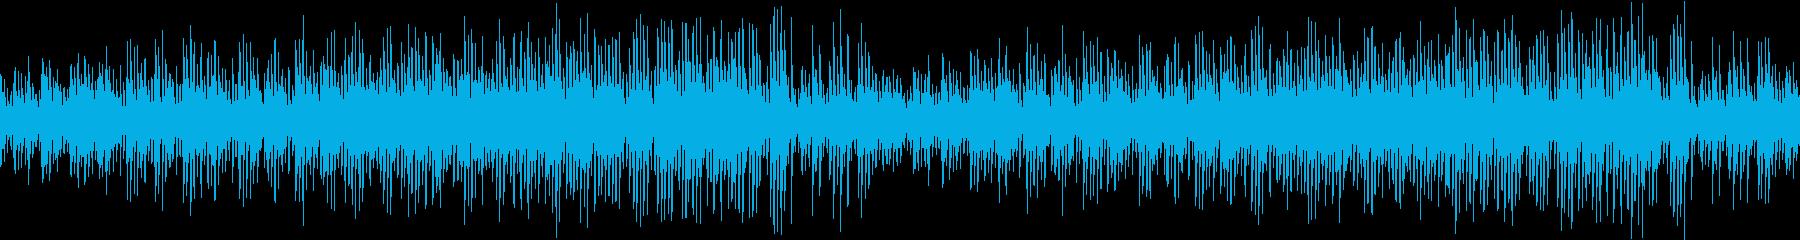 【リズム抜き】口笛ほのぼのアコースティ…の再生済みの波形